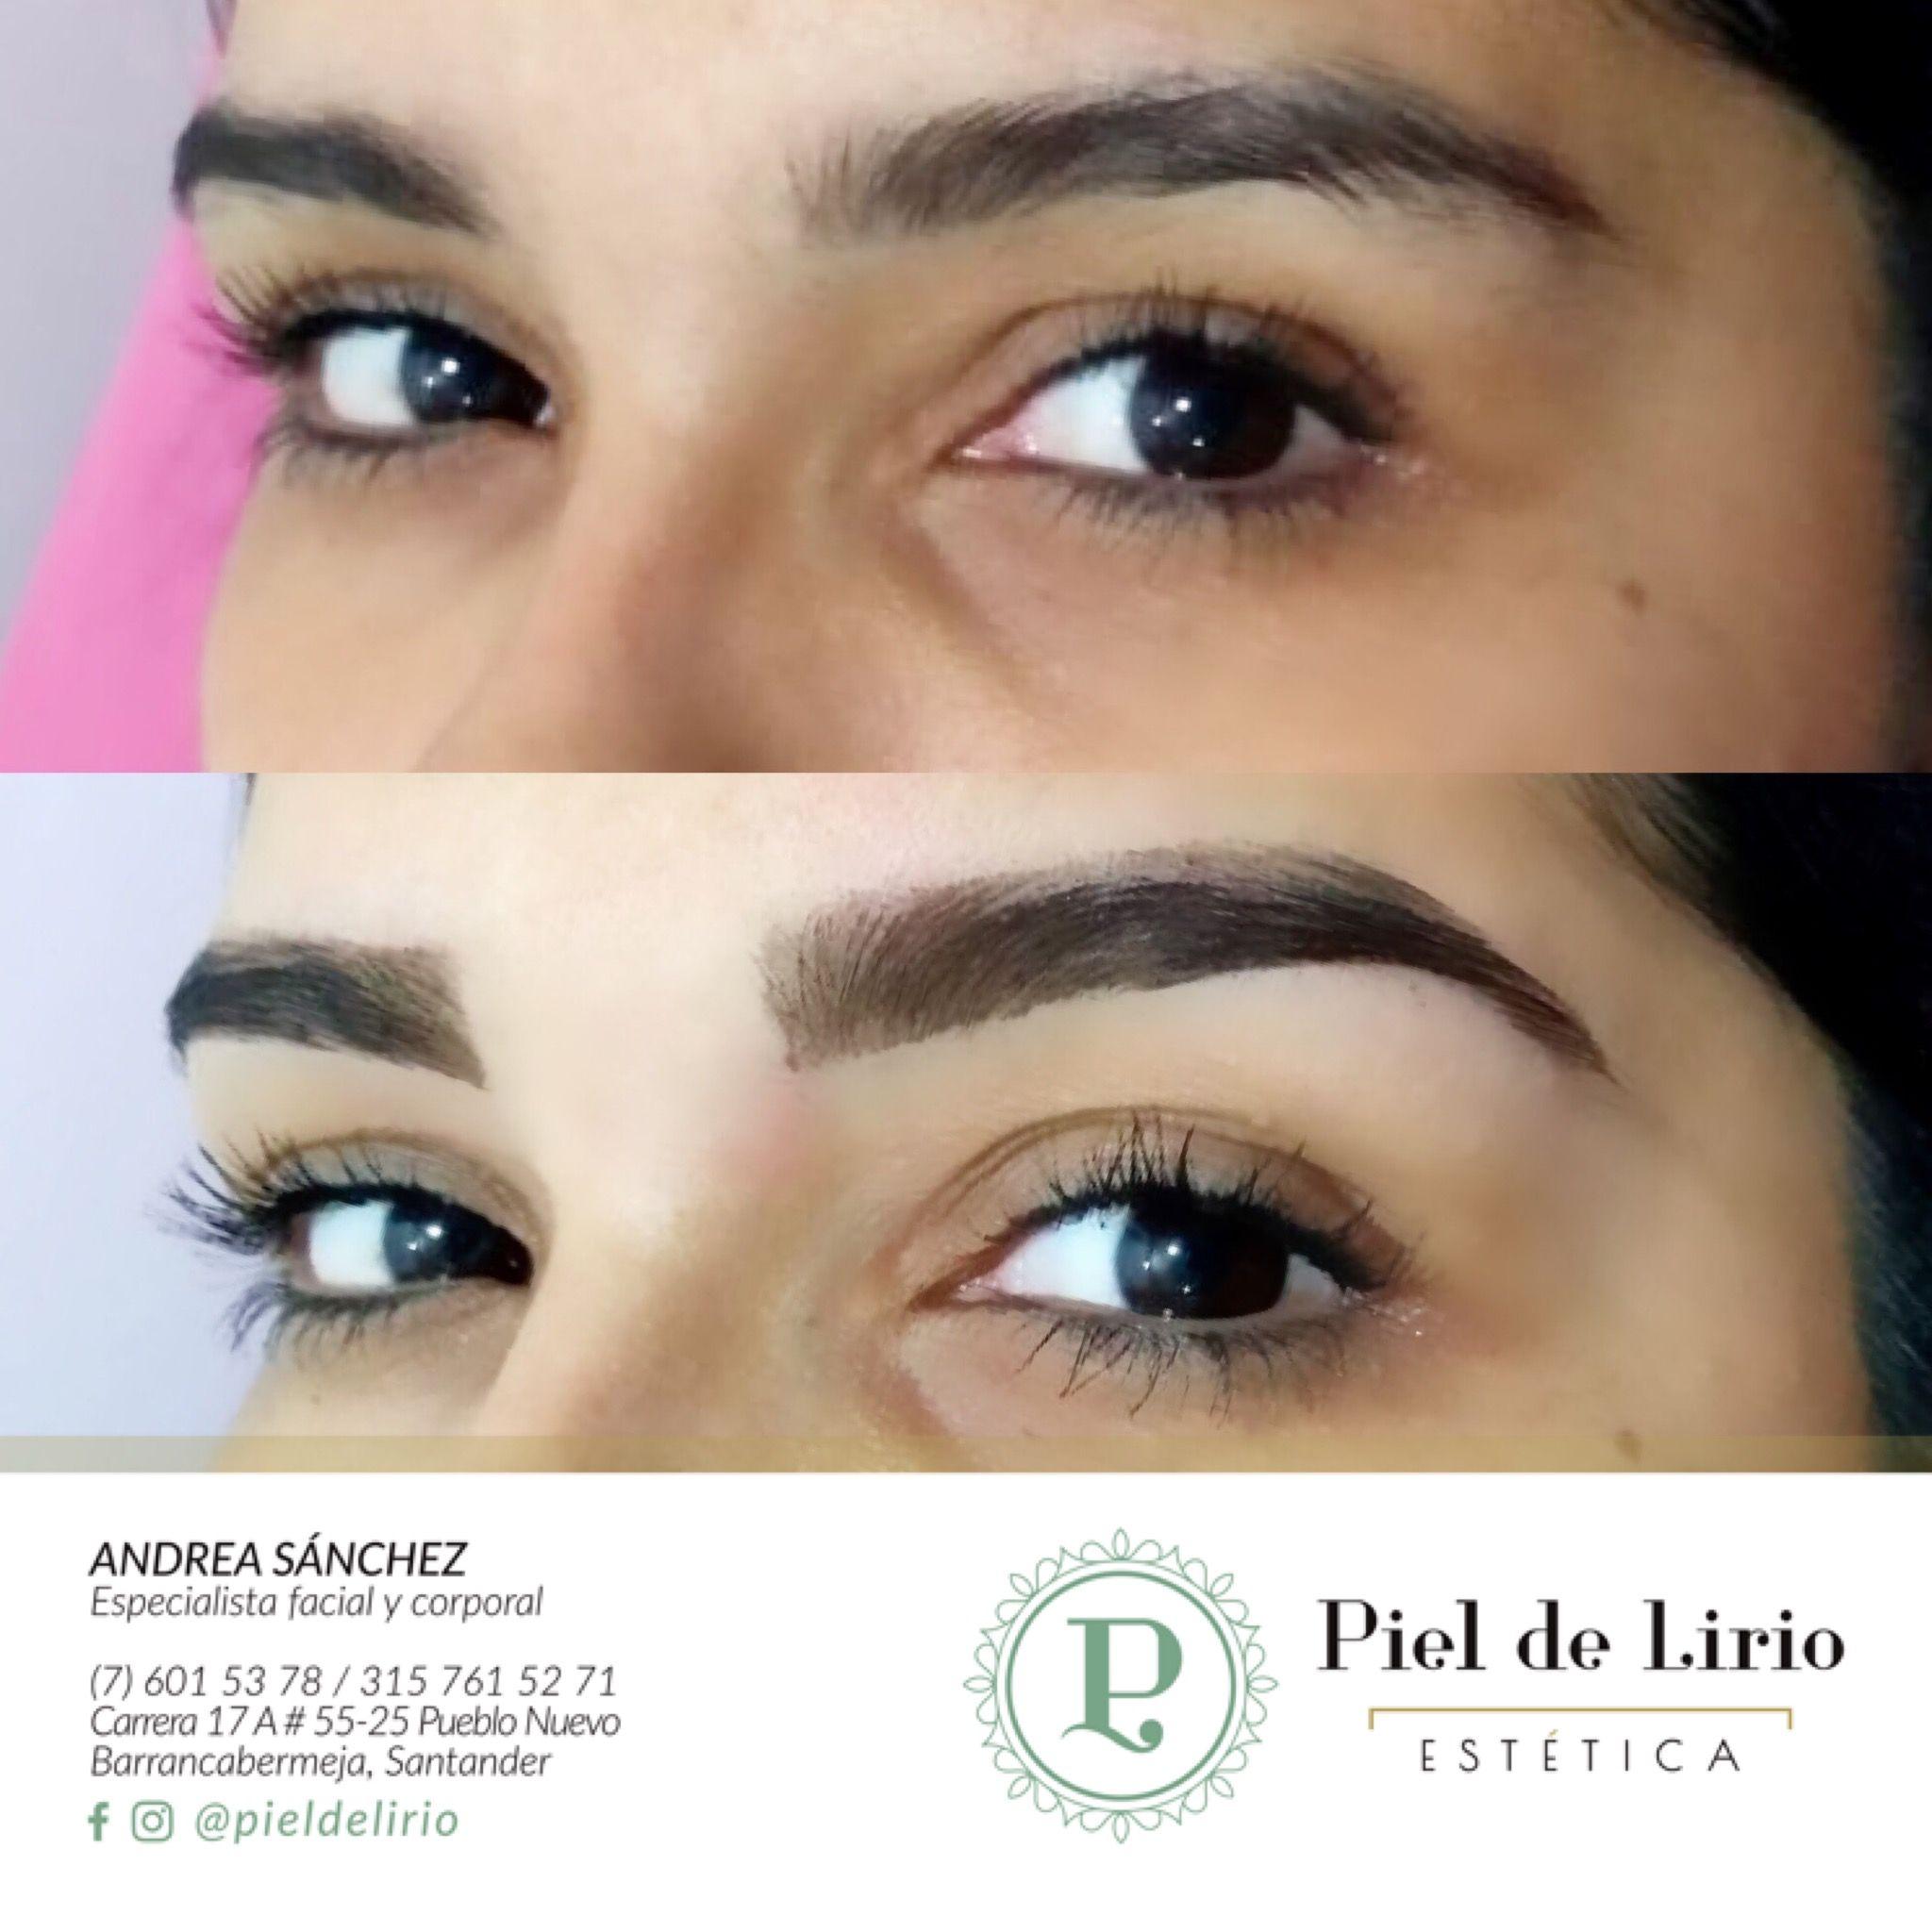 Comunicate Hoy Andrea Sanchez Especialista Facial Y Corporal